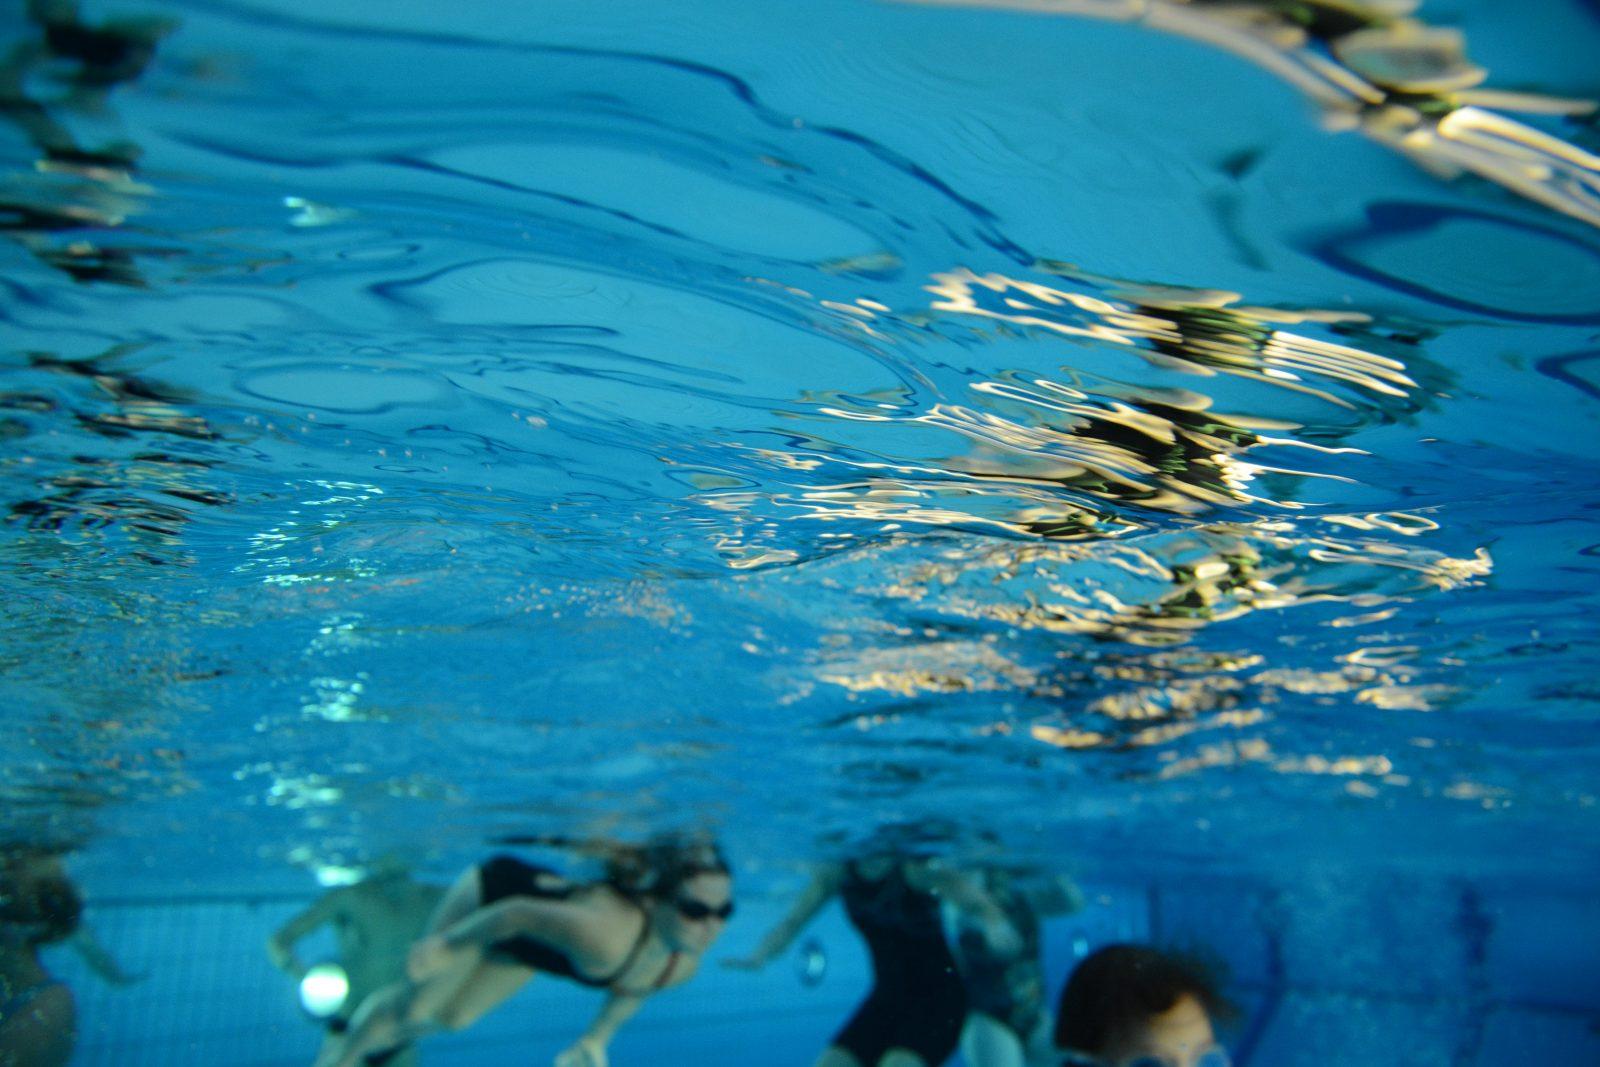 Vedenalainen kuva Kaukaveden uimareista